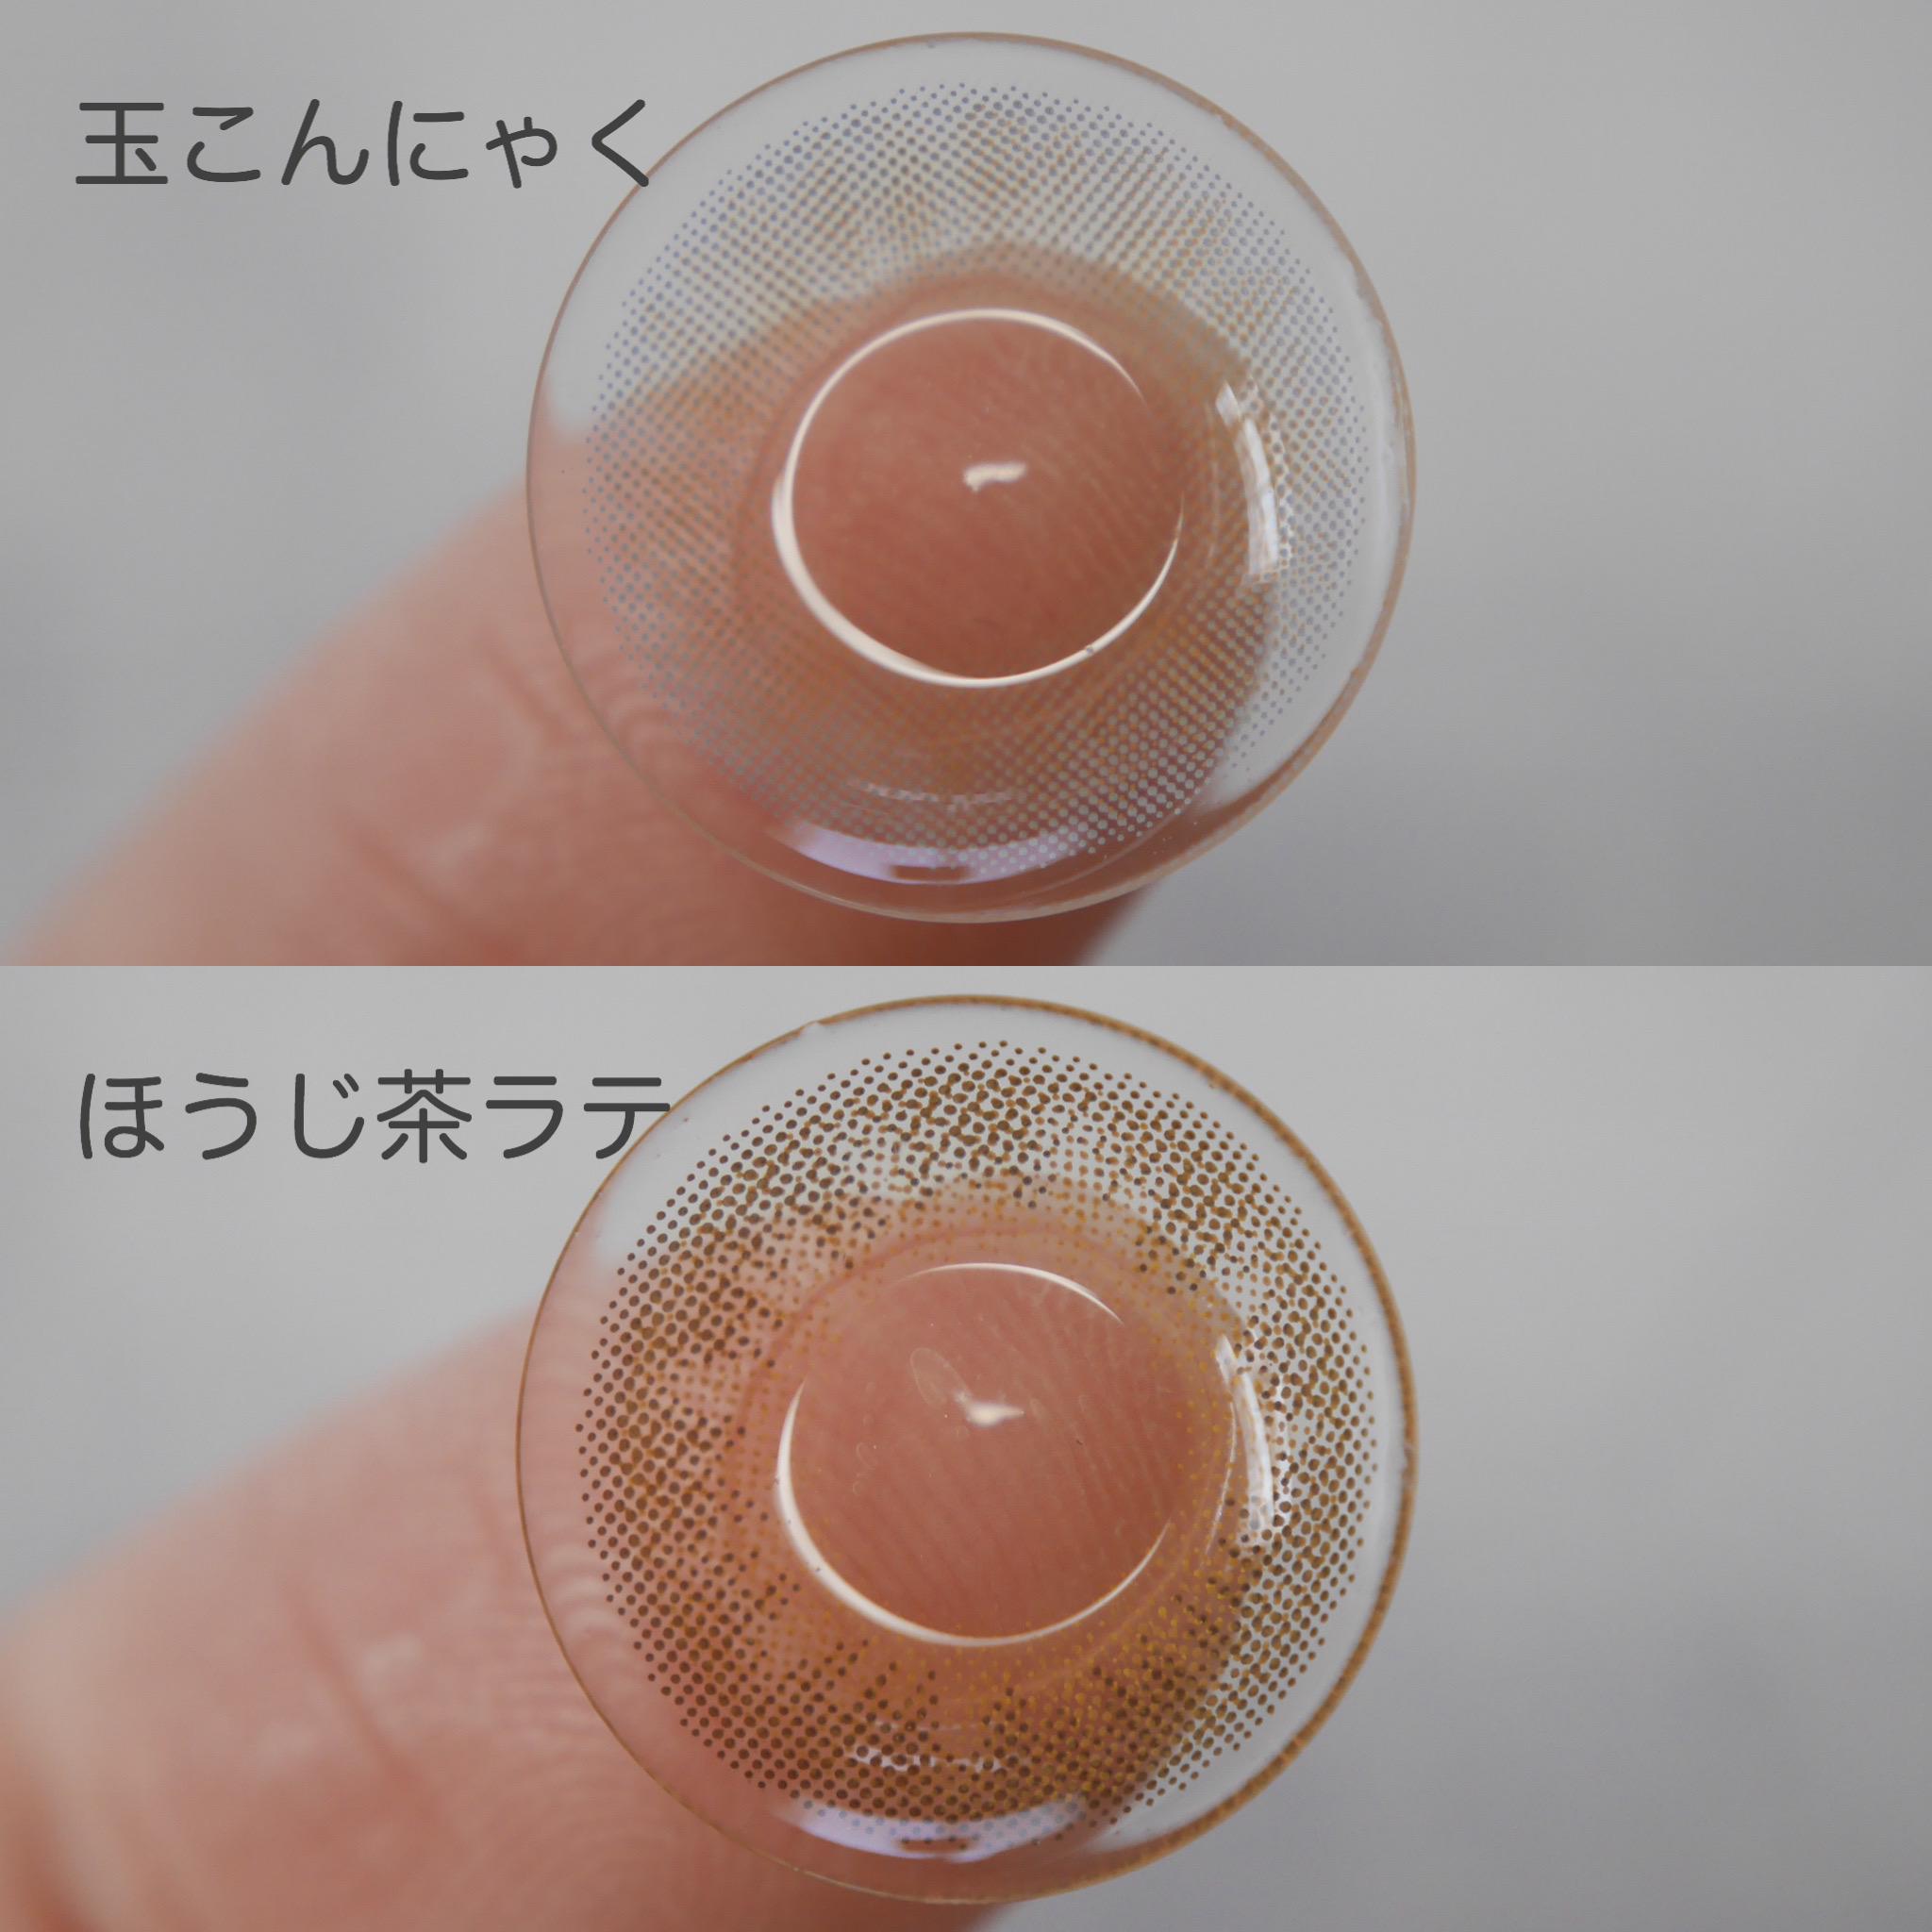 エヌズコレクション カラコン 渡辺直美